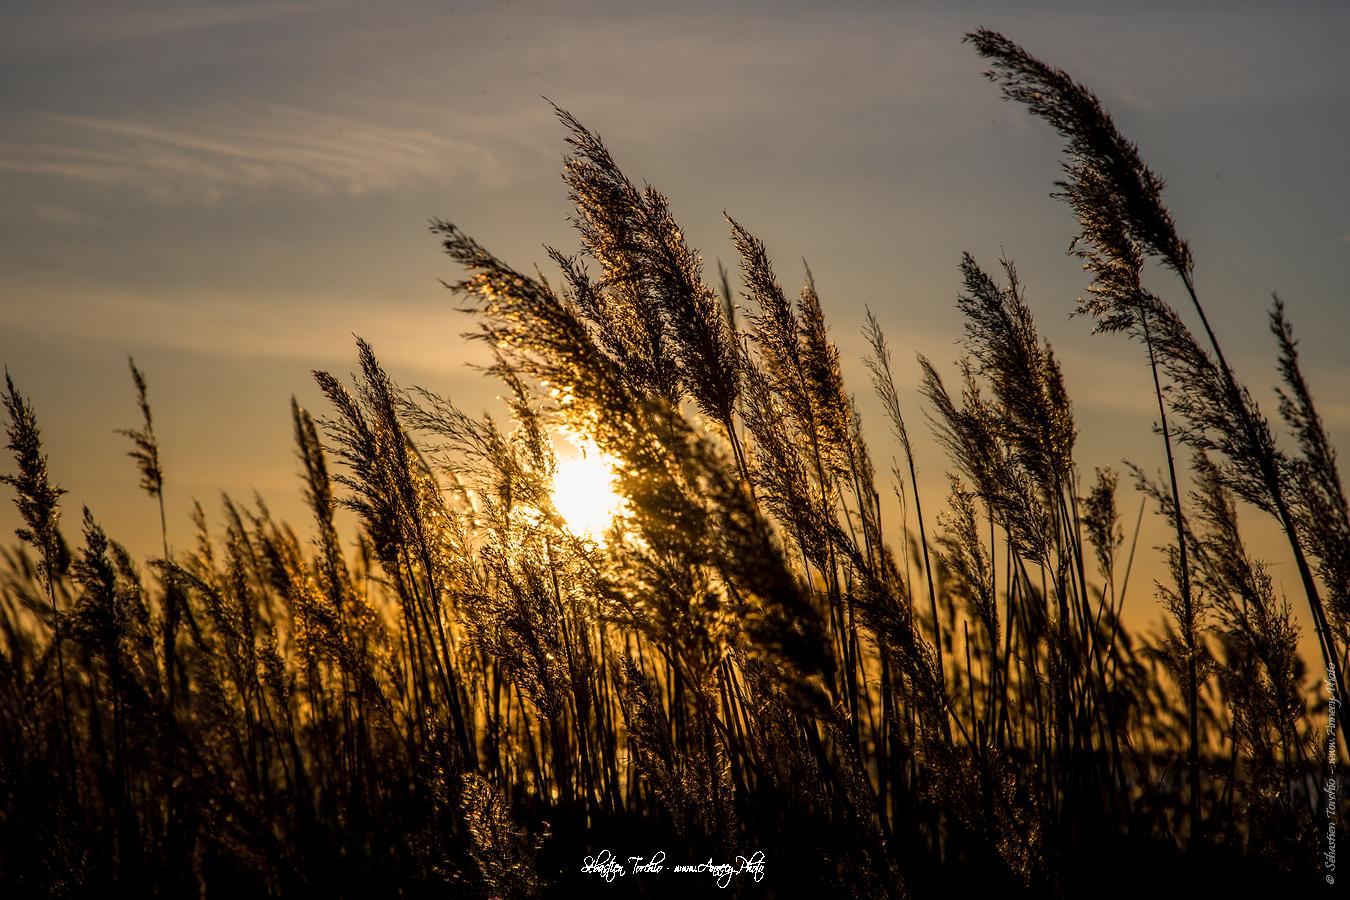 Coucher de soleil sur le Parc Naturel Régional de Camargue - © Sébastien TORCHIO, www.Annecy.Photo